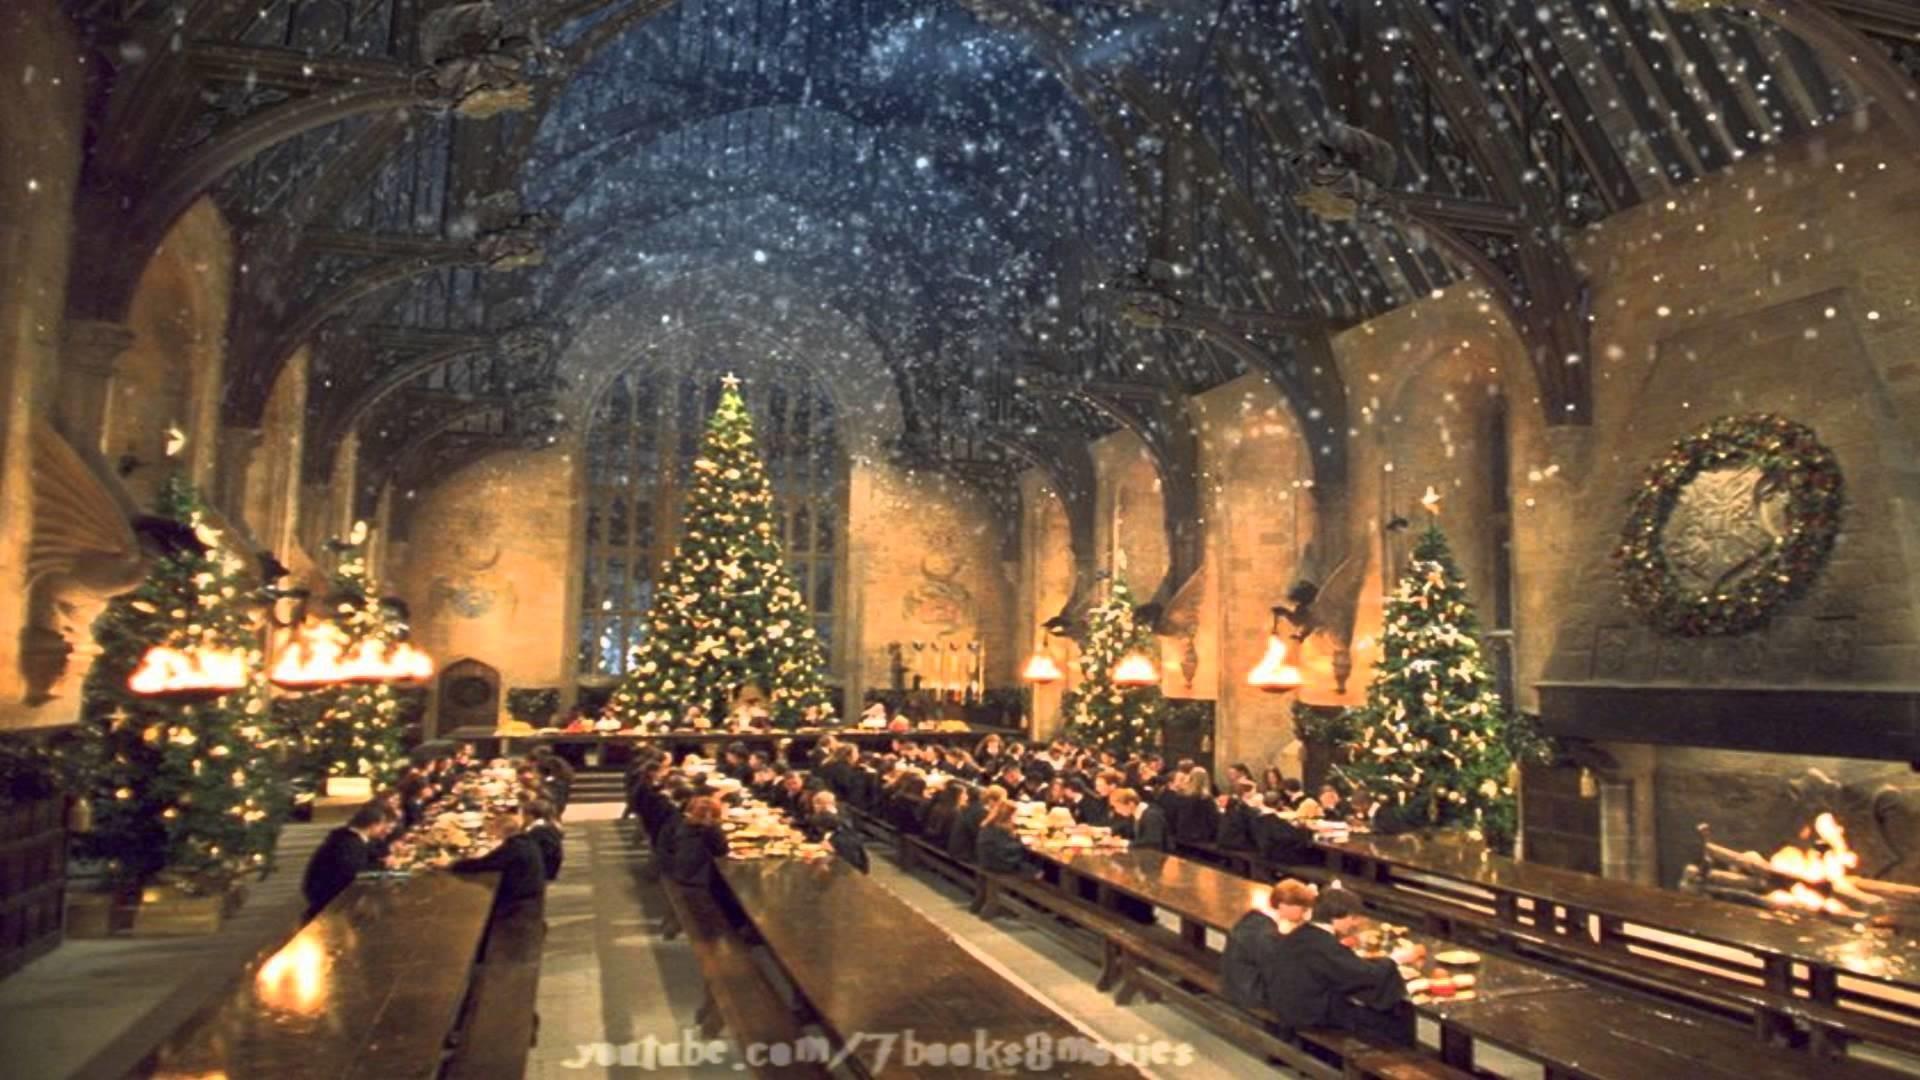 Best Wallpaper Harry Potter Christmas - 17609  Pic_12723.jpg